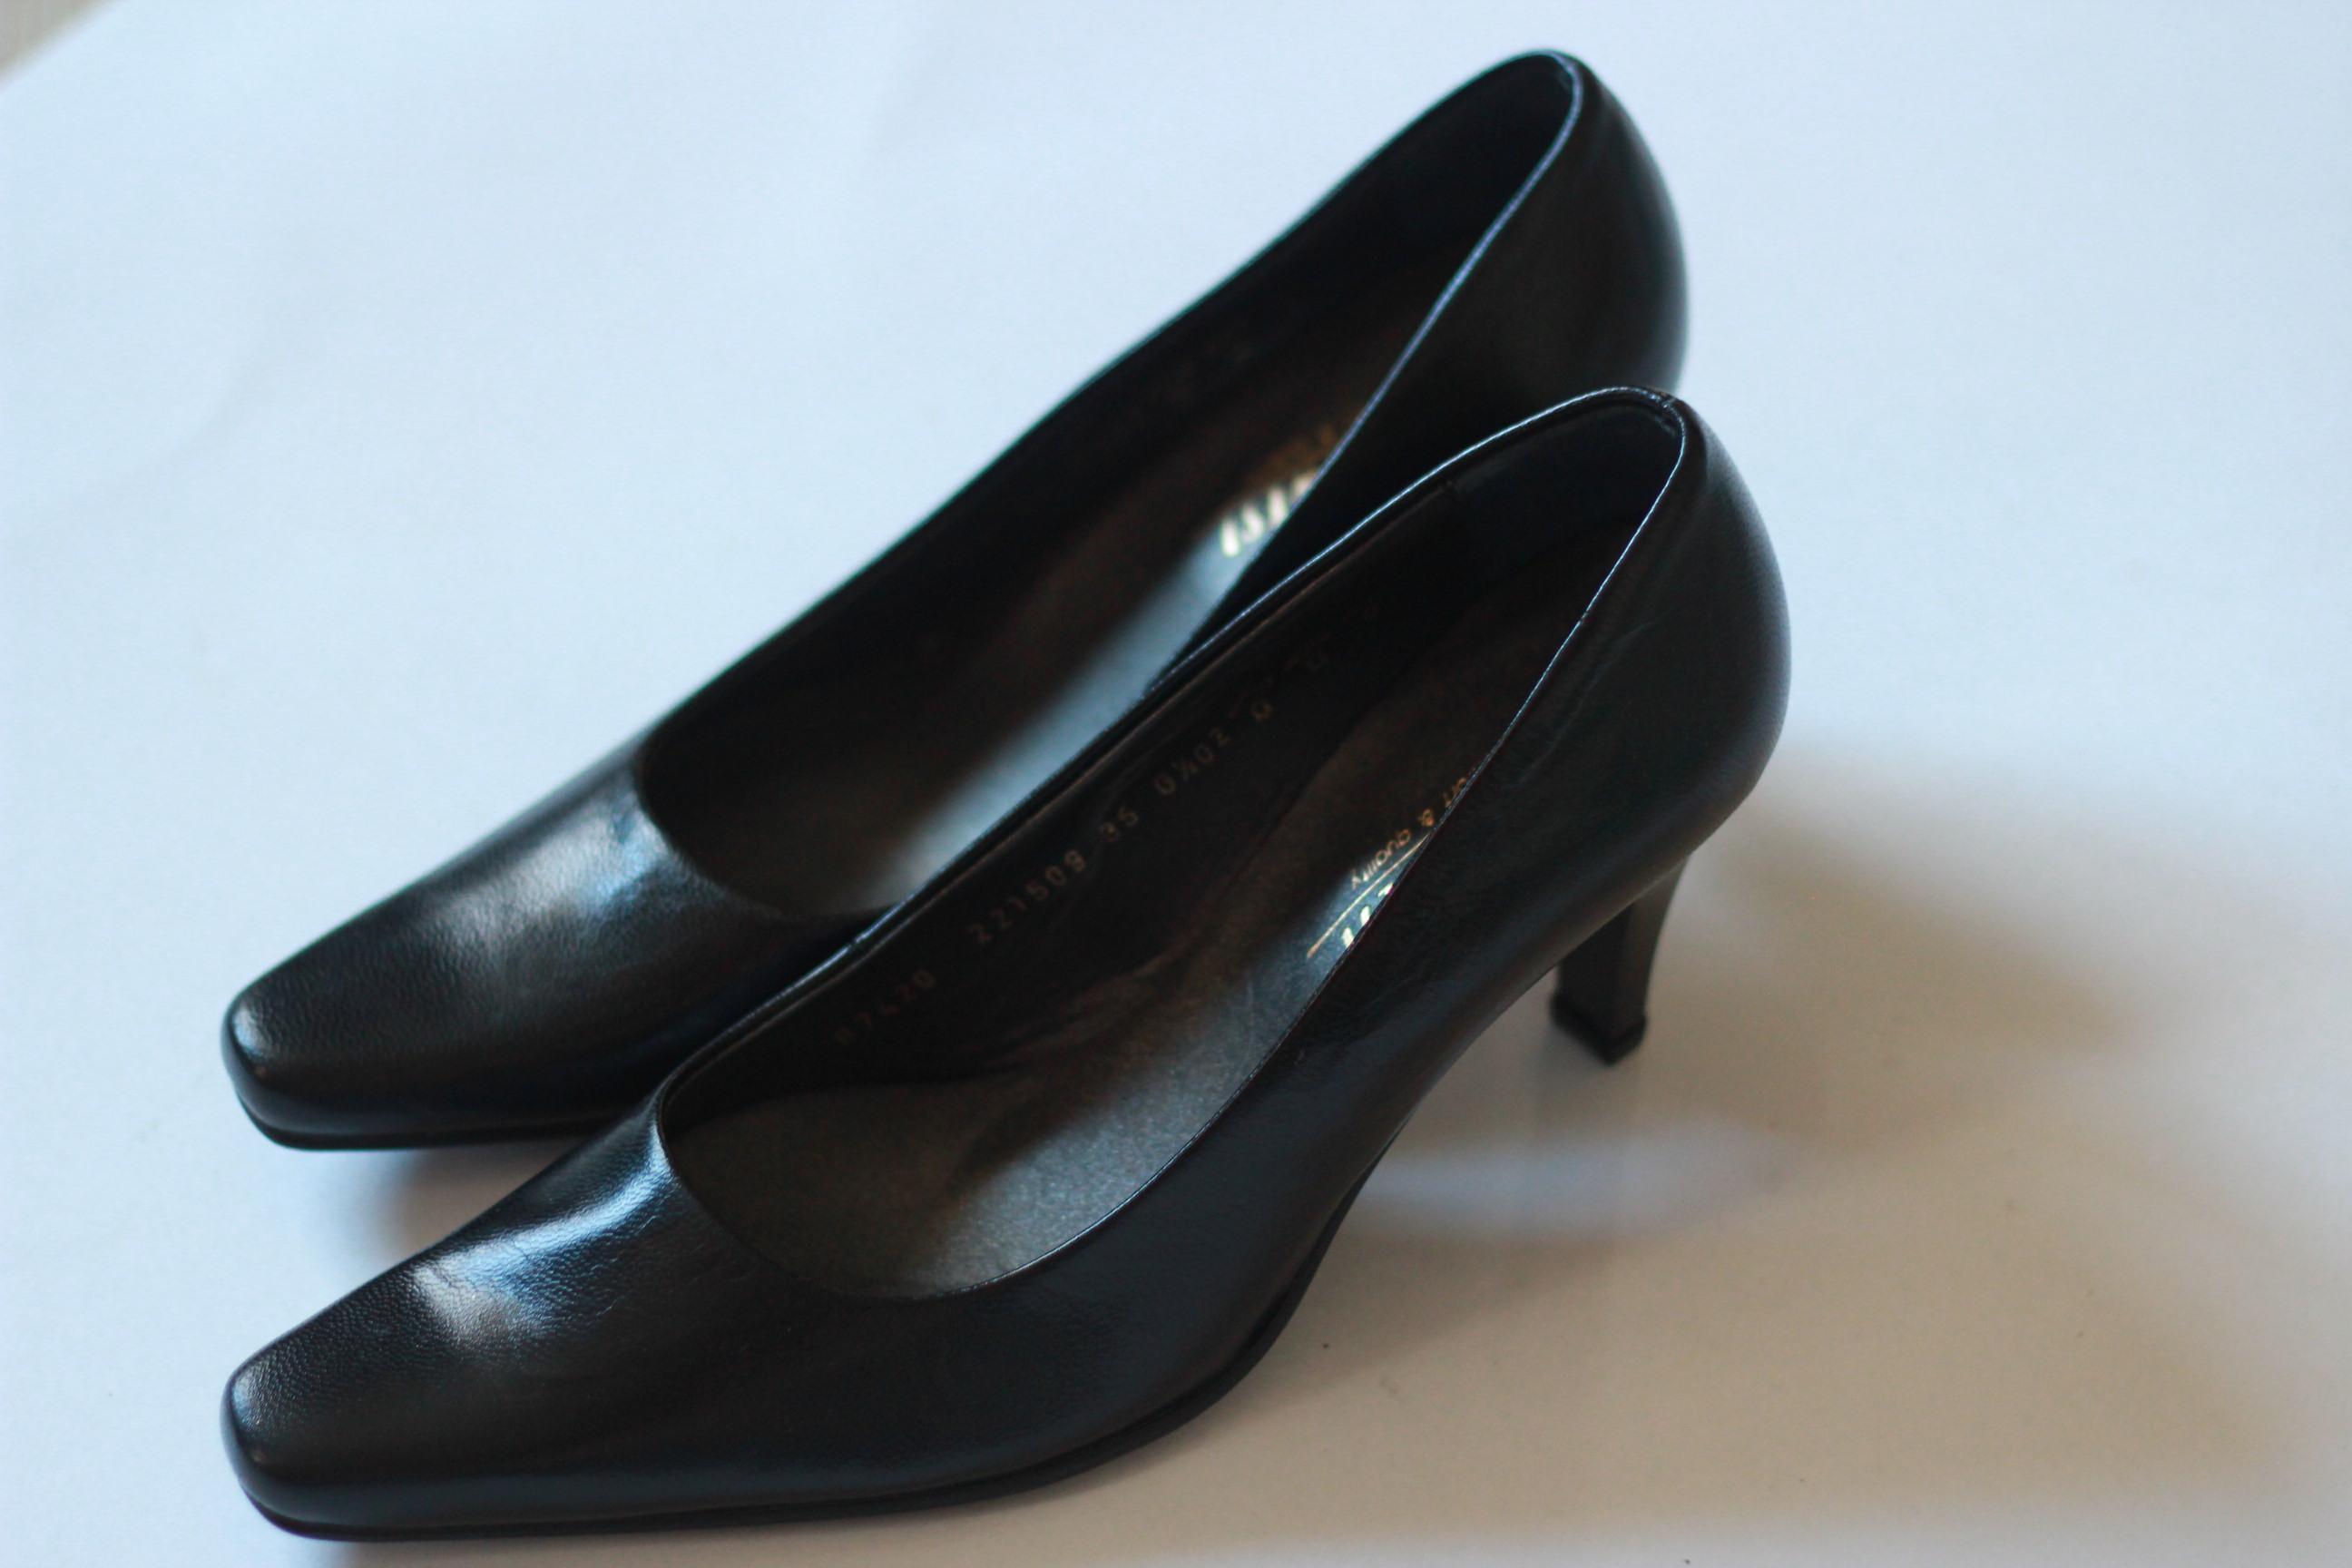 Сбор заказов. Кроссовки от 290 рублей , ботинки натуральная кожа от 490 рублей, туфли по 390 рублей!!! Распродажа! Мужские, подростковые, женские модели.Очень хорошее качество.